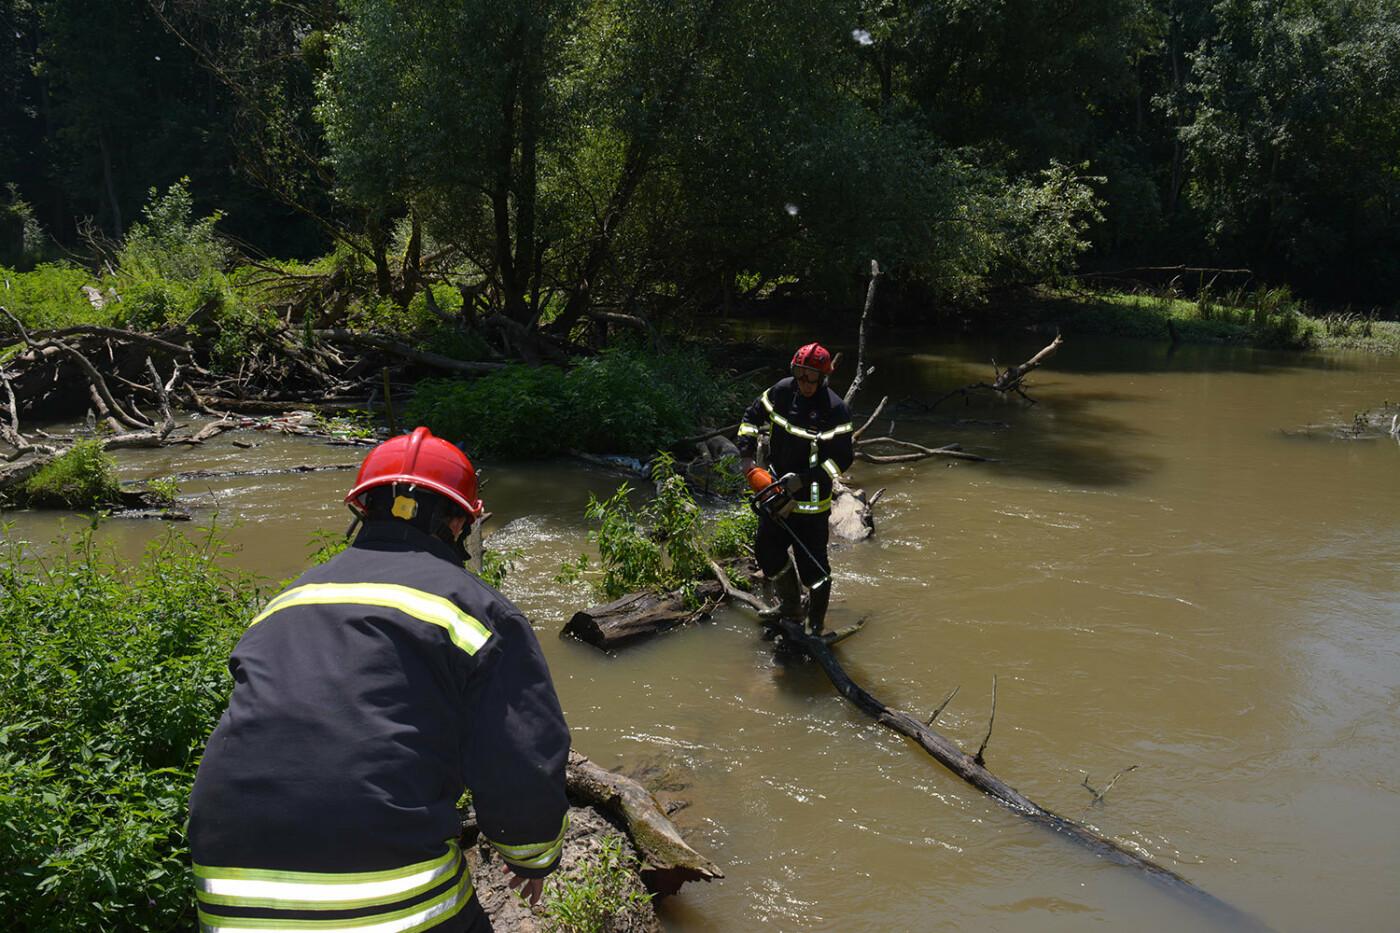 Наслідки паводків: на Закарпатті рятувальники розчищають річку Латорицю від сміттєвих заторів, фото-1